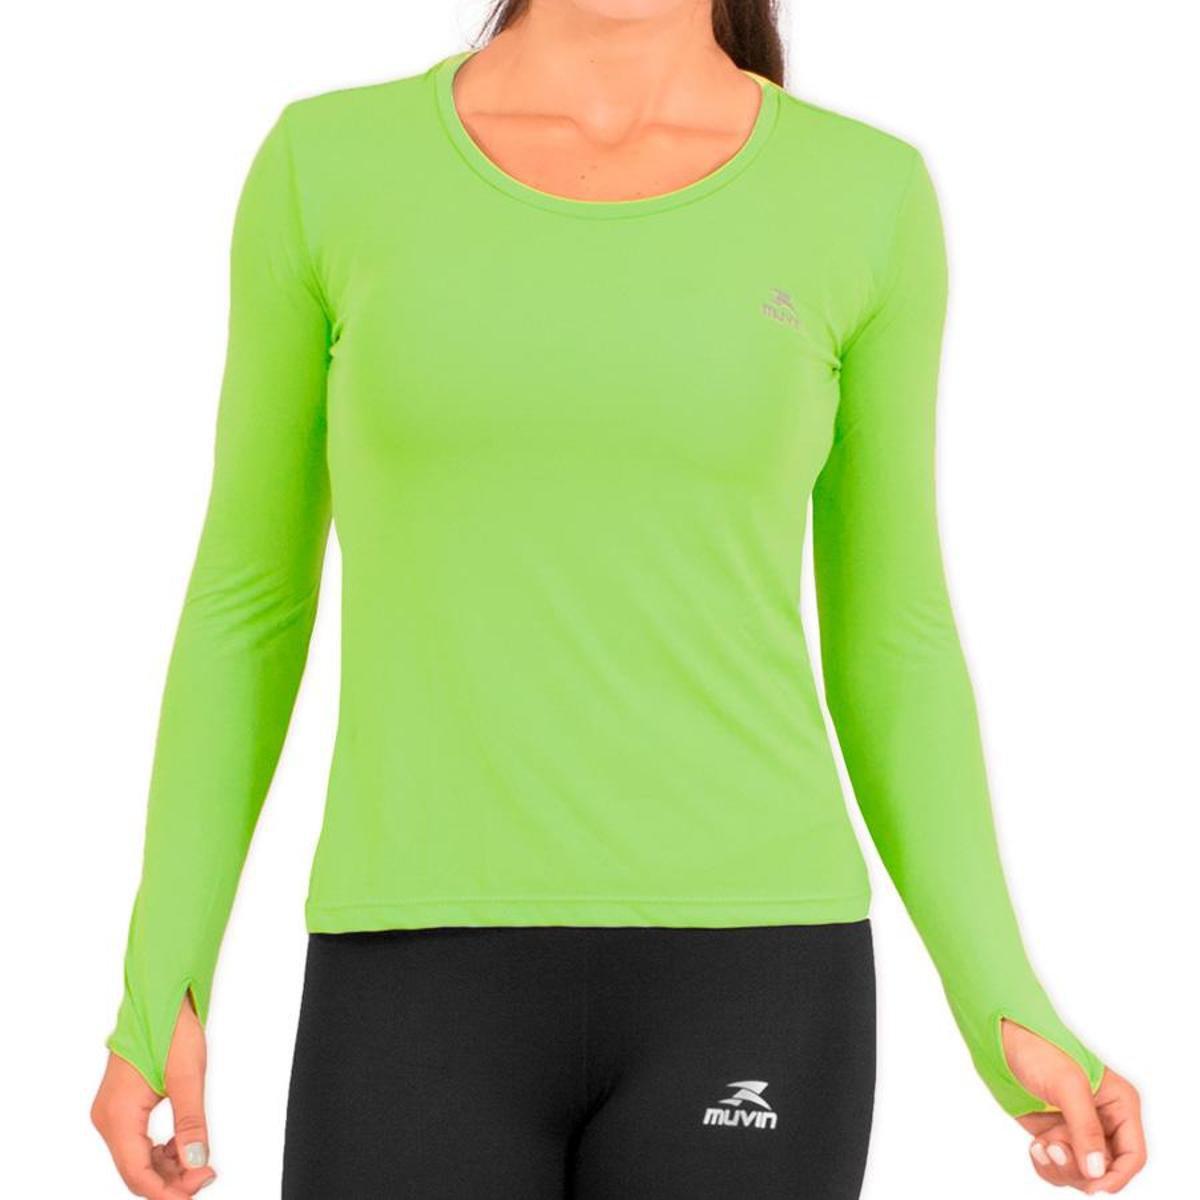 CLR Camisa Verde Performance UV50 Running Poliamida G1 400 LS HC aqa0A7